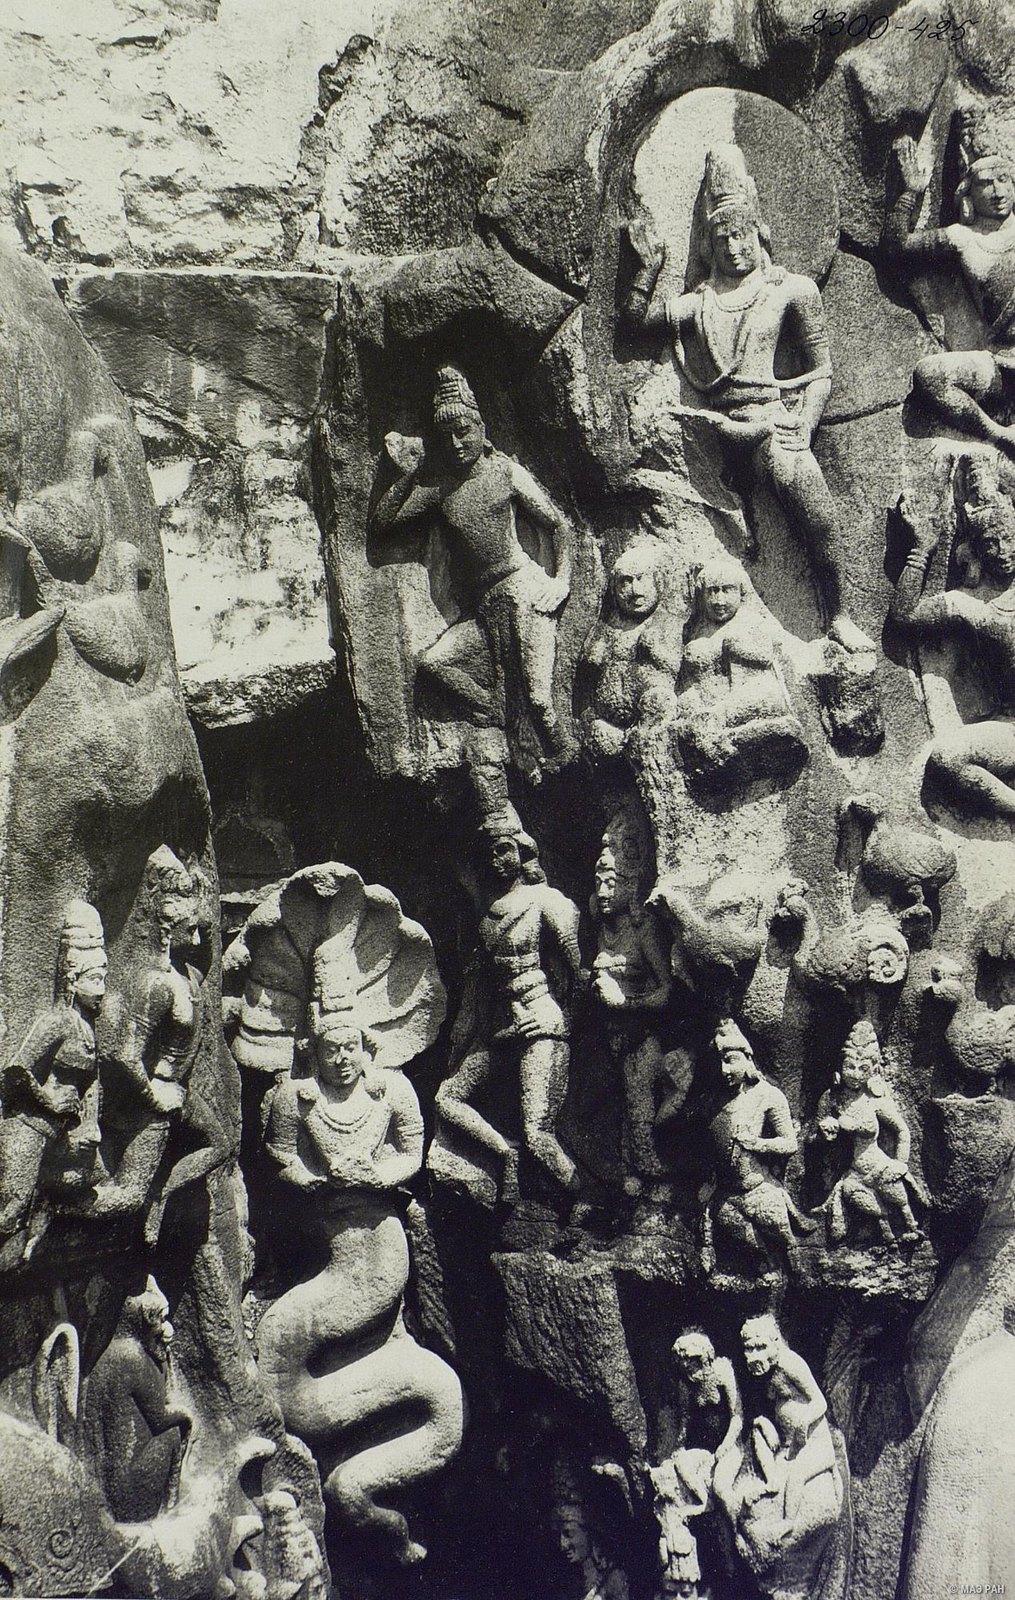 19. Мамаллапур (детали рельефа «Шива со свитой» и «Арджуна в подвижничестве»)